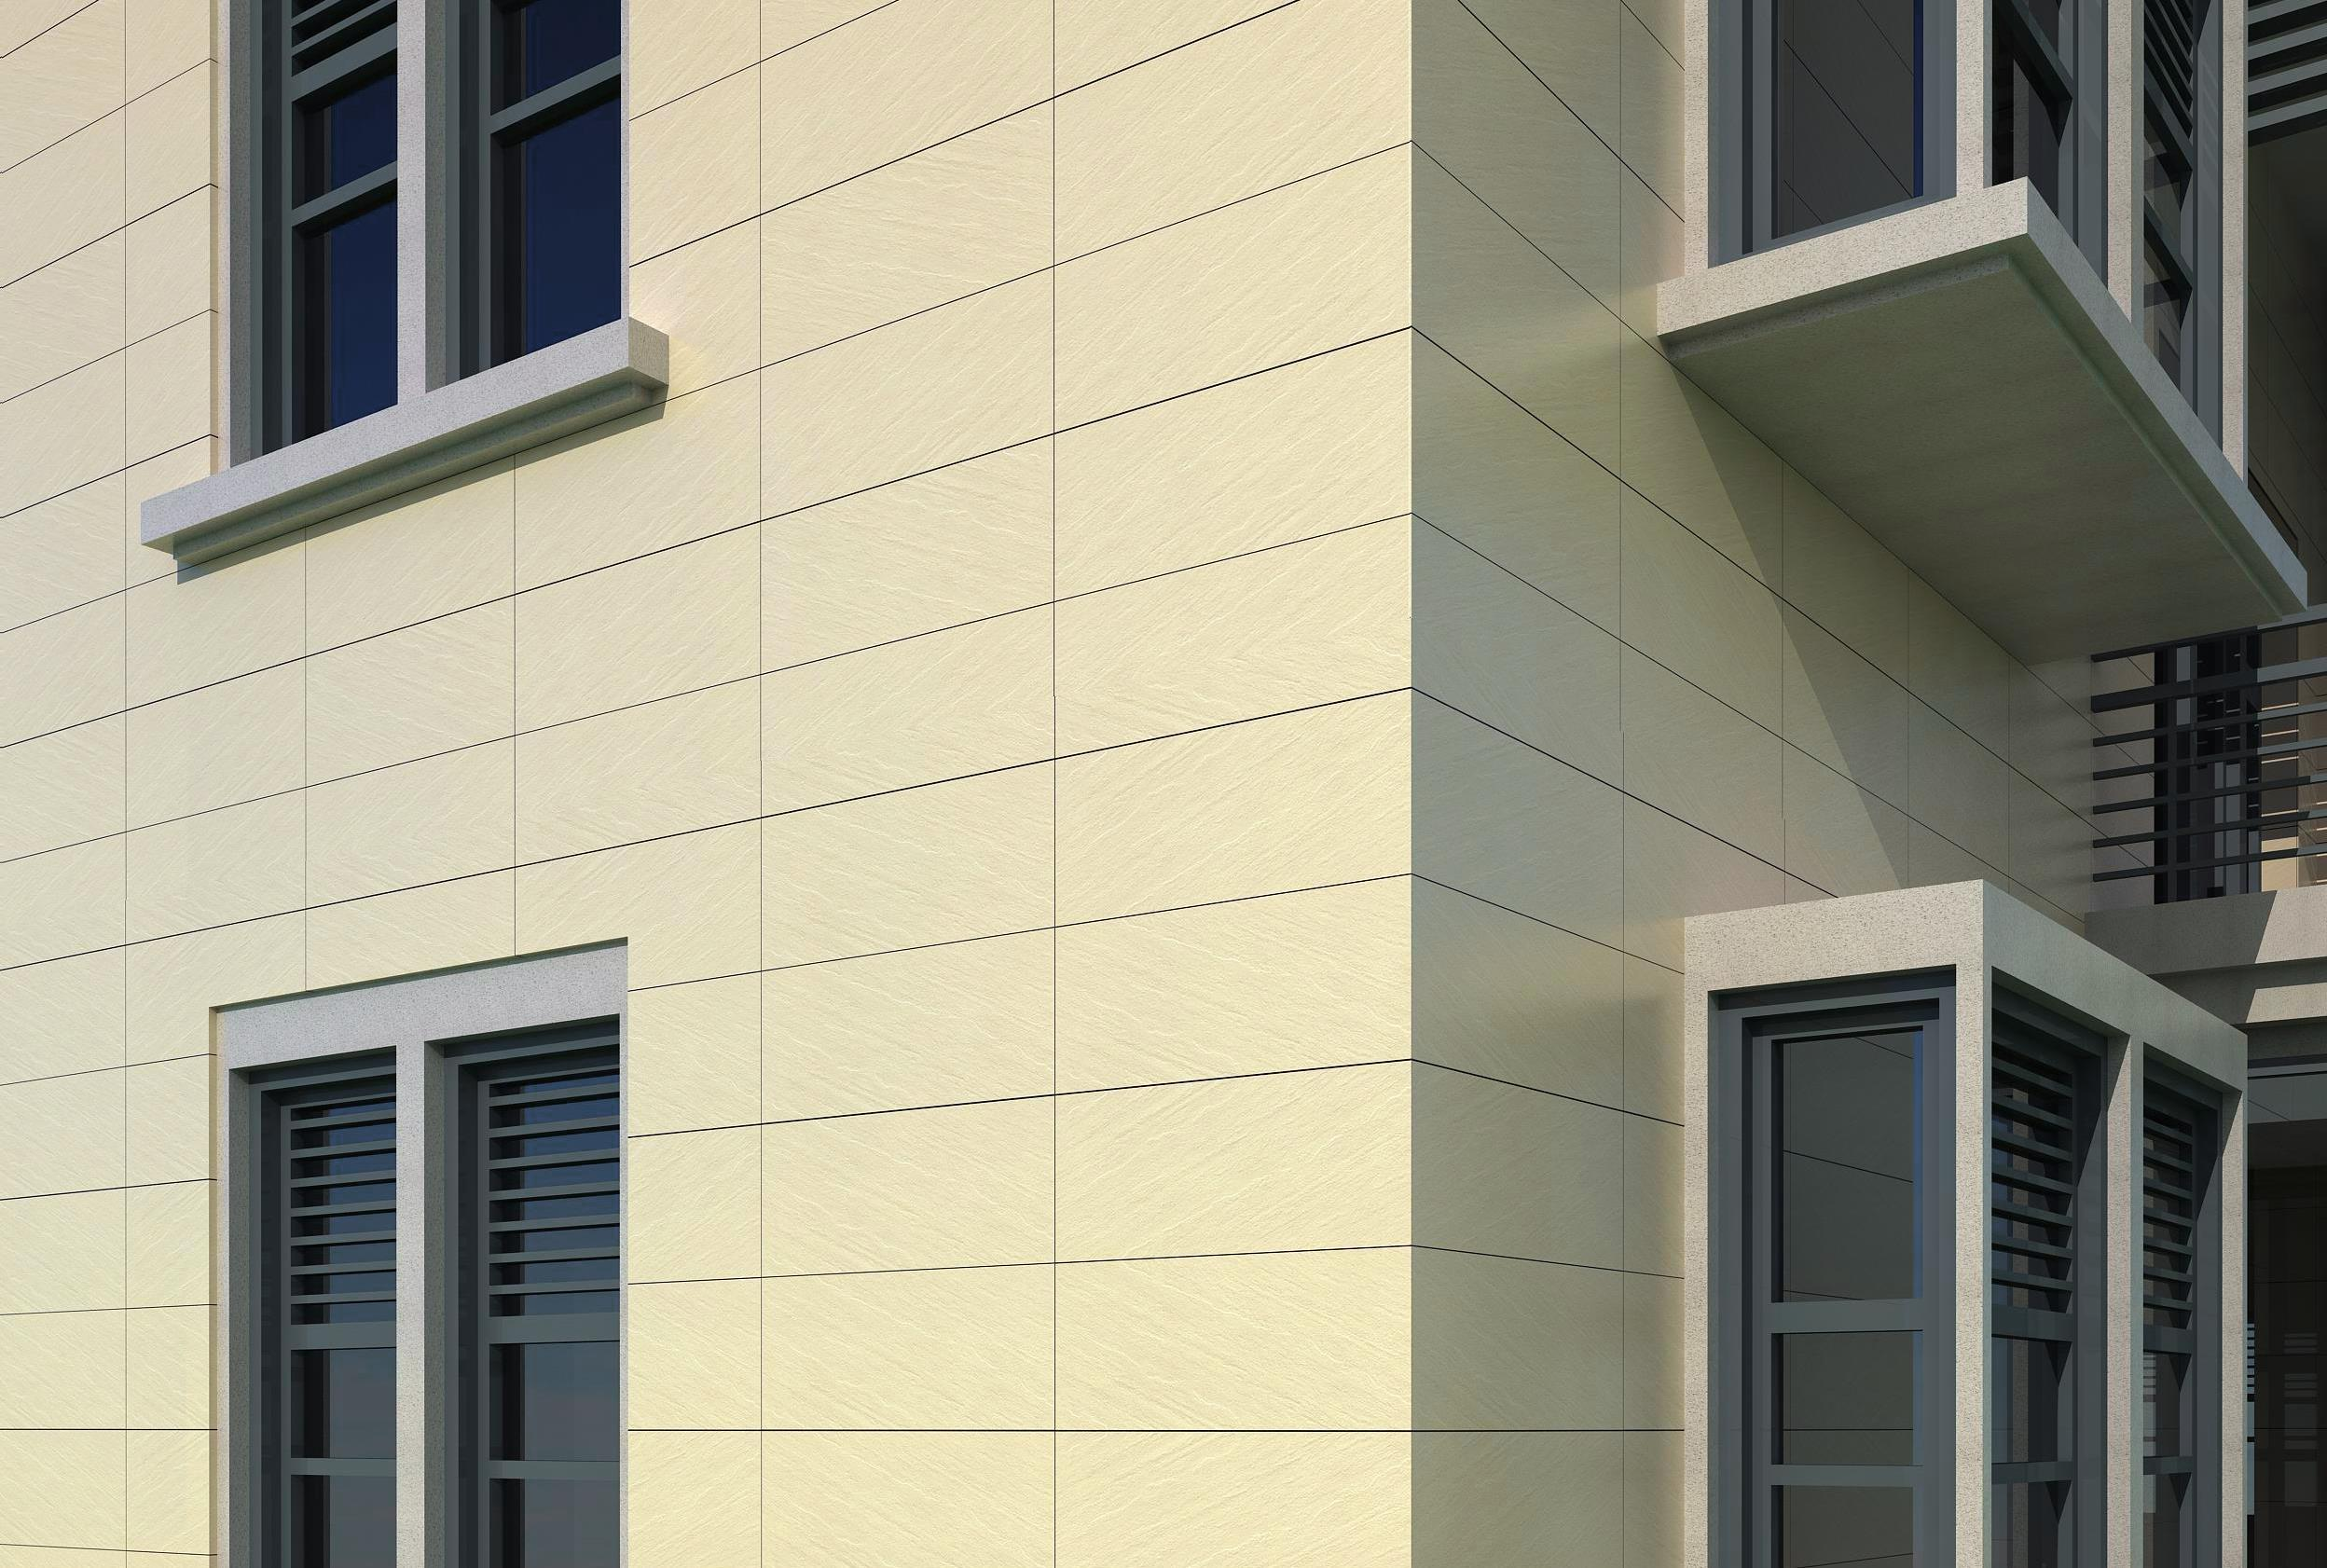 哪些原因會引起外墻磚滲水?外墻磚滲水如何處理?